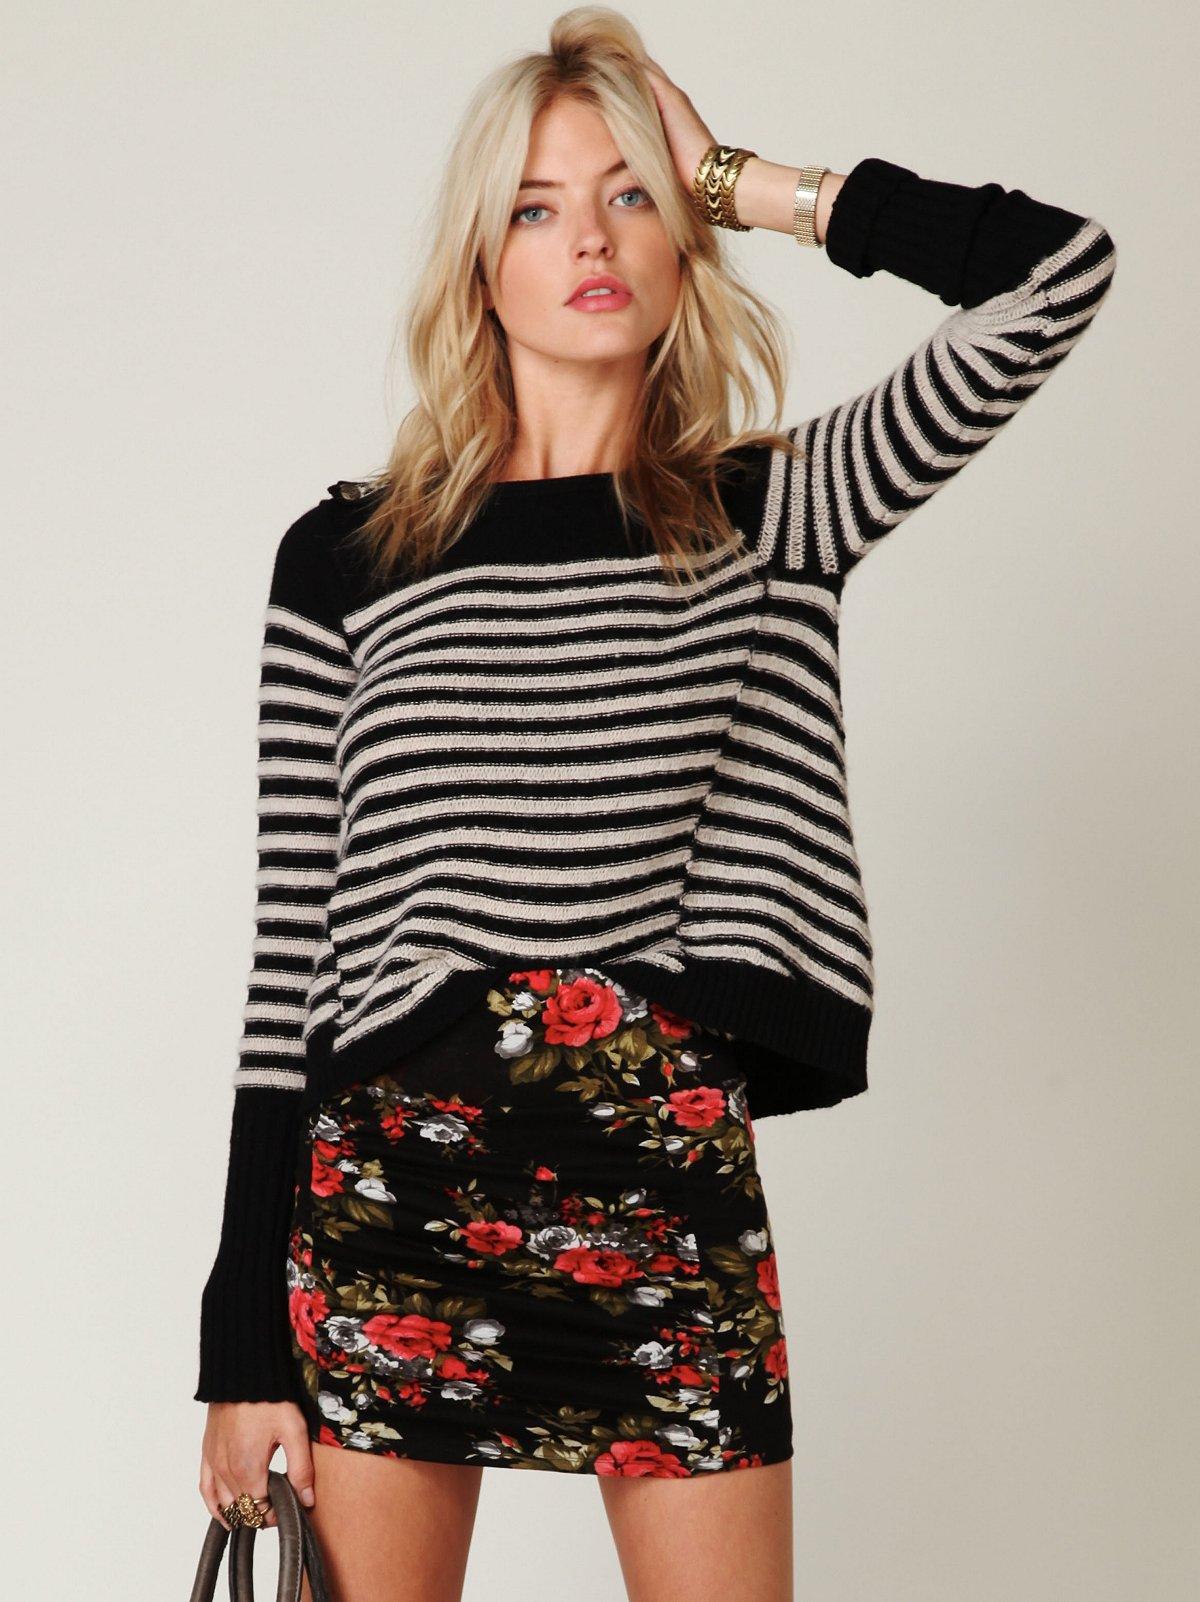 Floral Print Scrunch Skirt